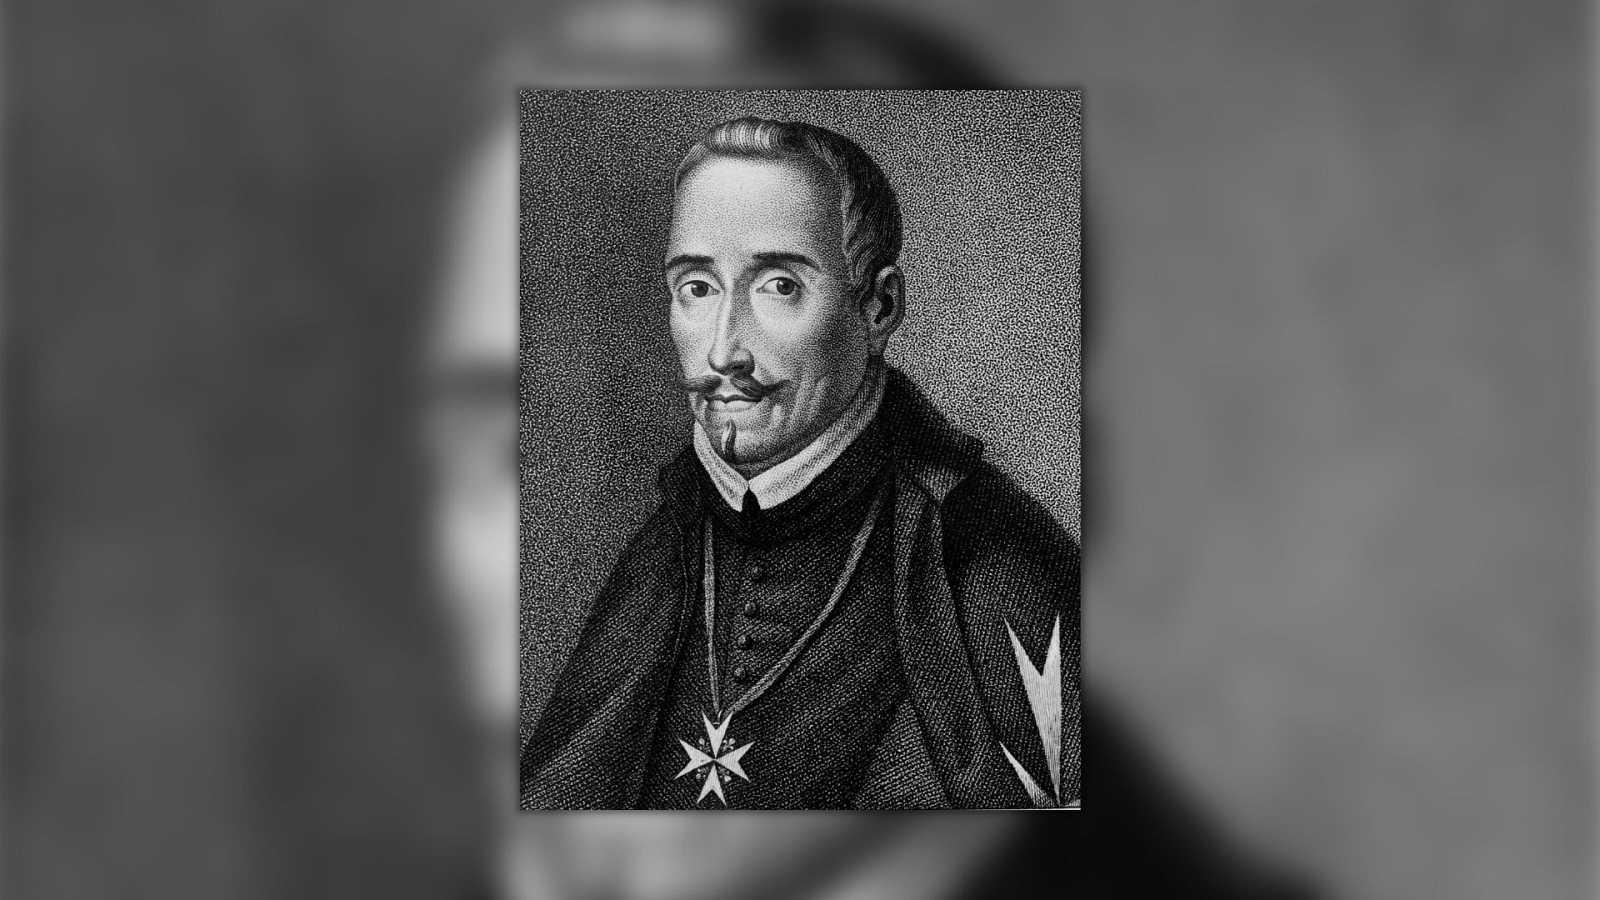 Música y pensamiento - Lope de Vega - 06/12/20 - escuchar ahora